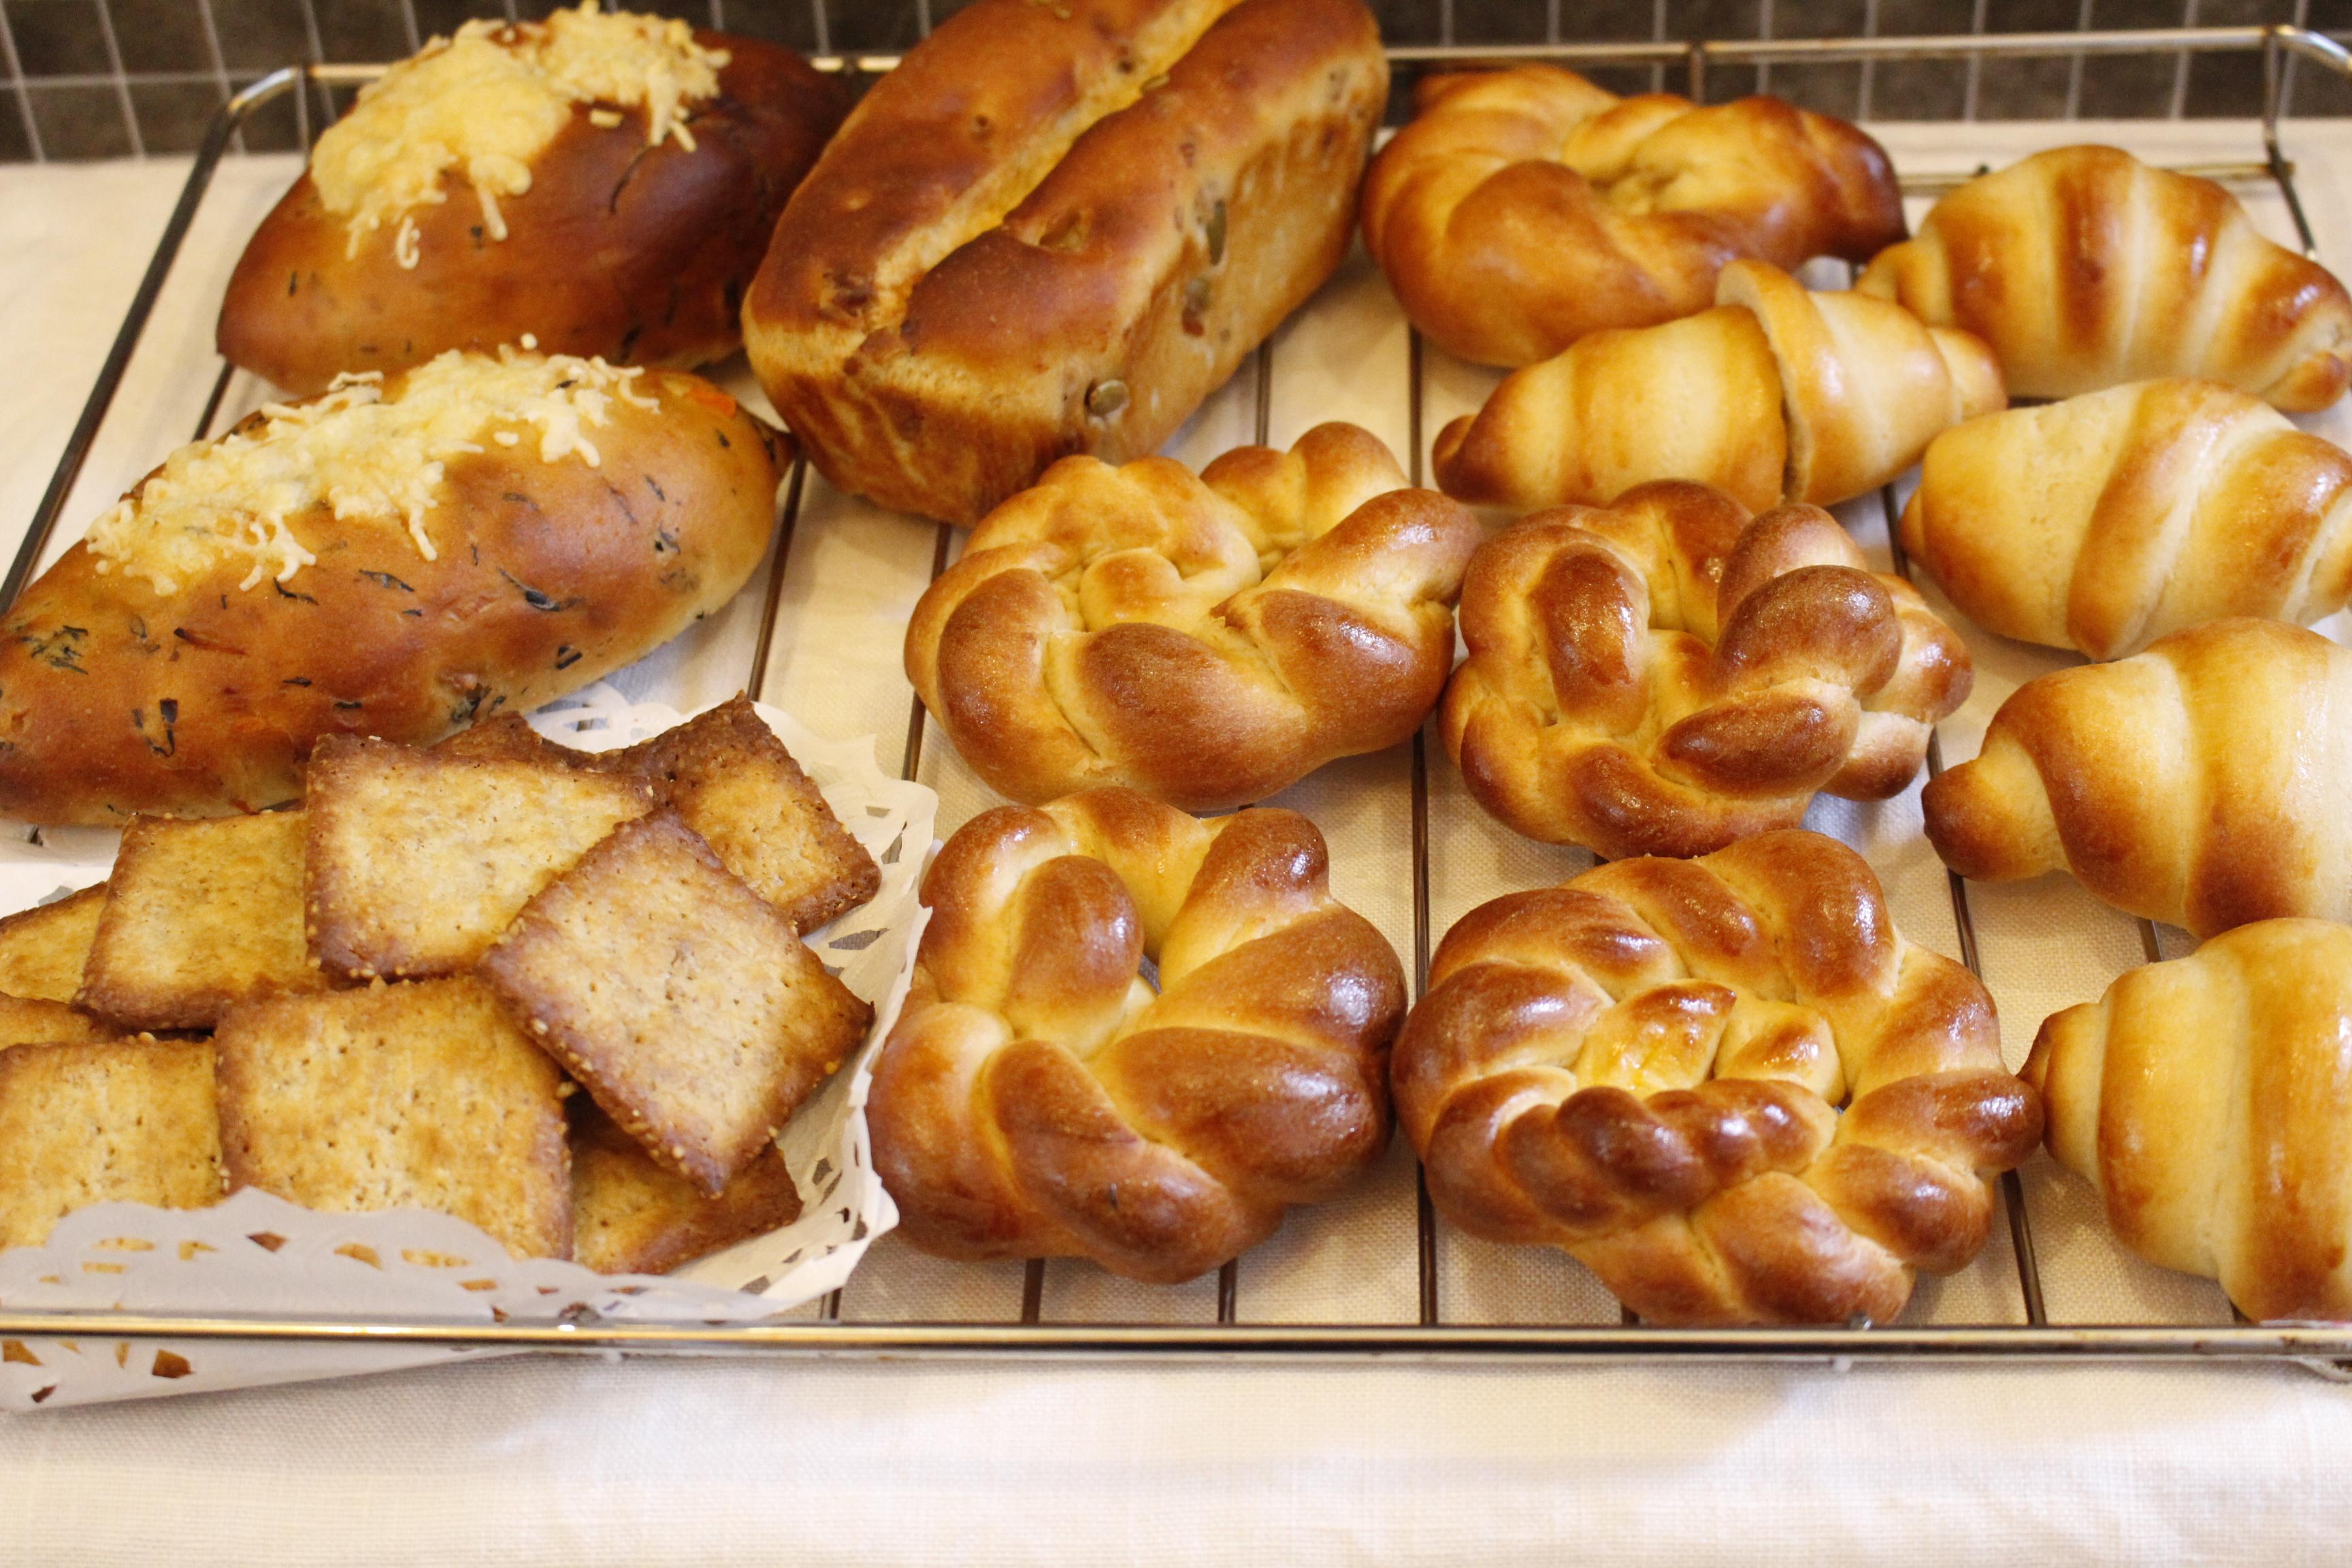 a-ta-sante糖質制限パン料理教室。阿倍野区。桃ヶ池町。a-ta-sant'e.京都江部粉糖質オフパン。コンプリートコースパート1。低糖質ロールパン。「糖質オフパンがここまで美味しくつくれる秘密!」低糖食コーディネーター。利野郁枝。a-ta-sante糖質制限パン料理教室。阿倍野区。桃ヶ池町。a-ta-sant'e.京都江部粉糖質オフパン。2020.3.16。コンプリートコースパート1。低糖質ロールパン。低糖食コーディネーター。利野郁枝。